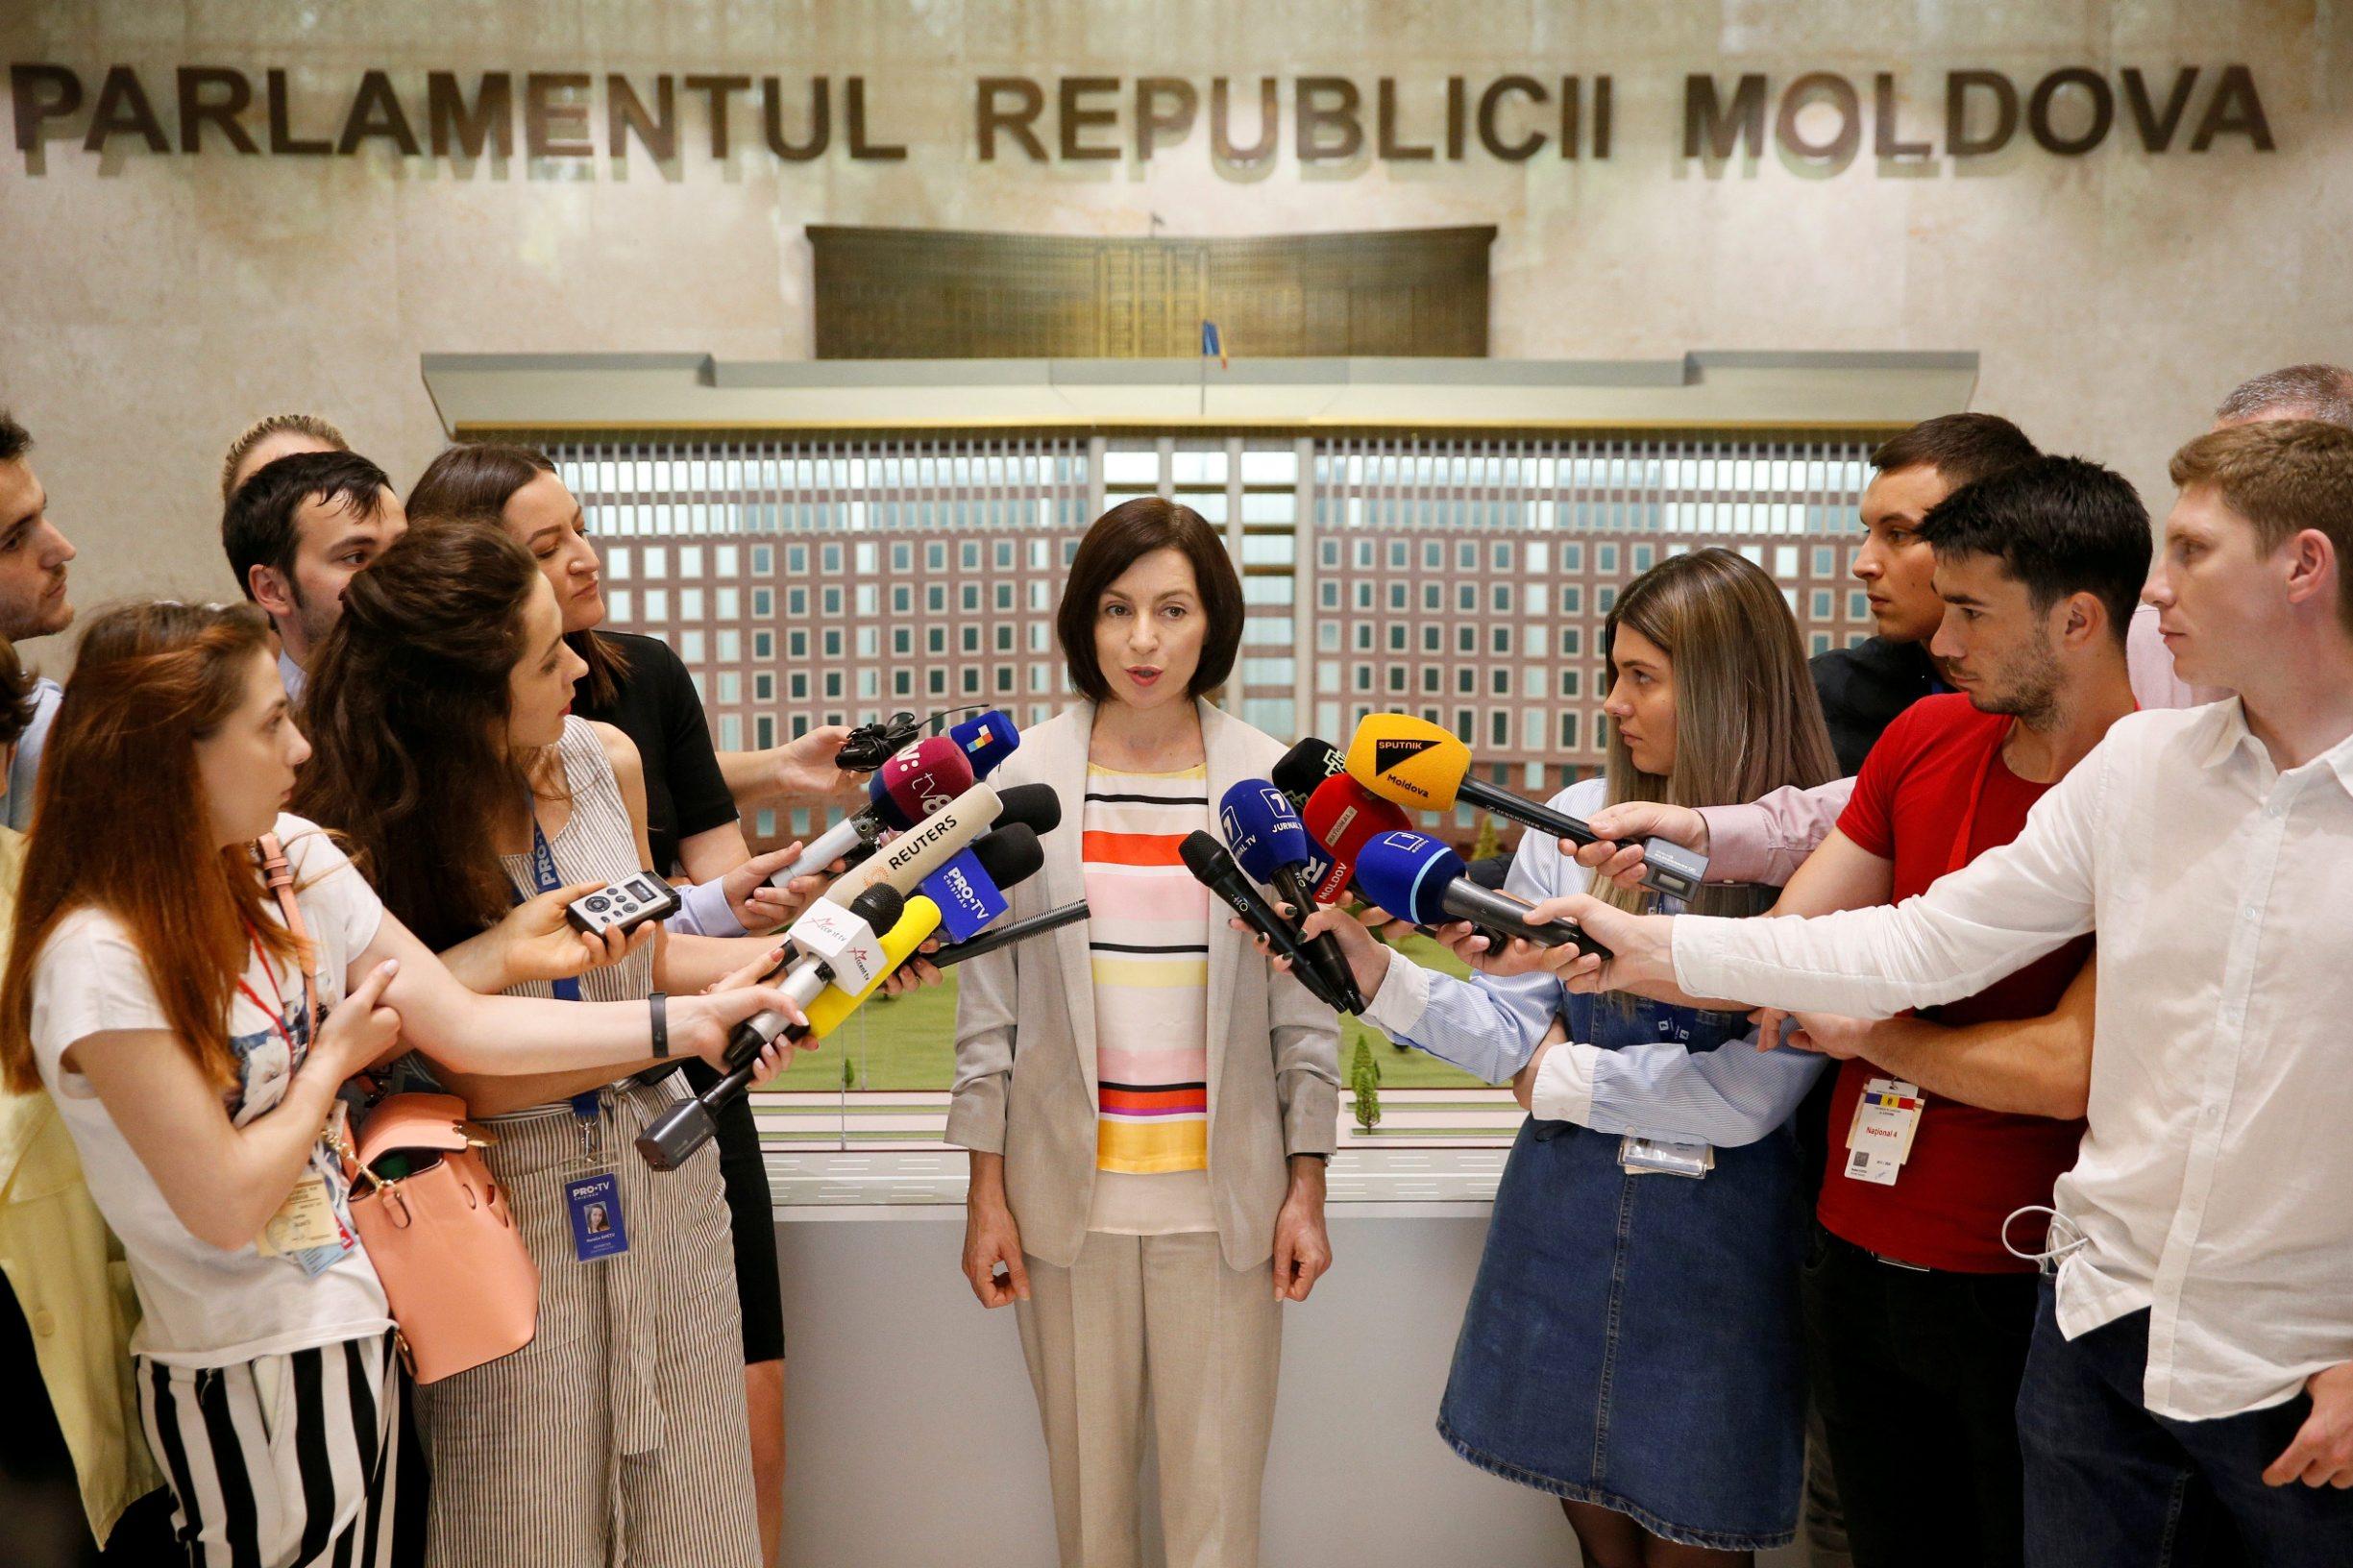 Zene moldavija Jaskić: Žene